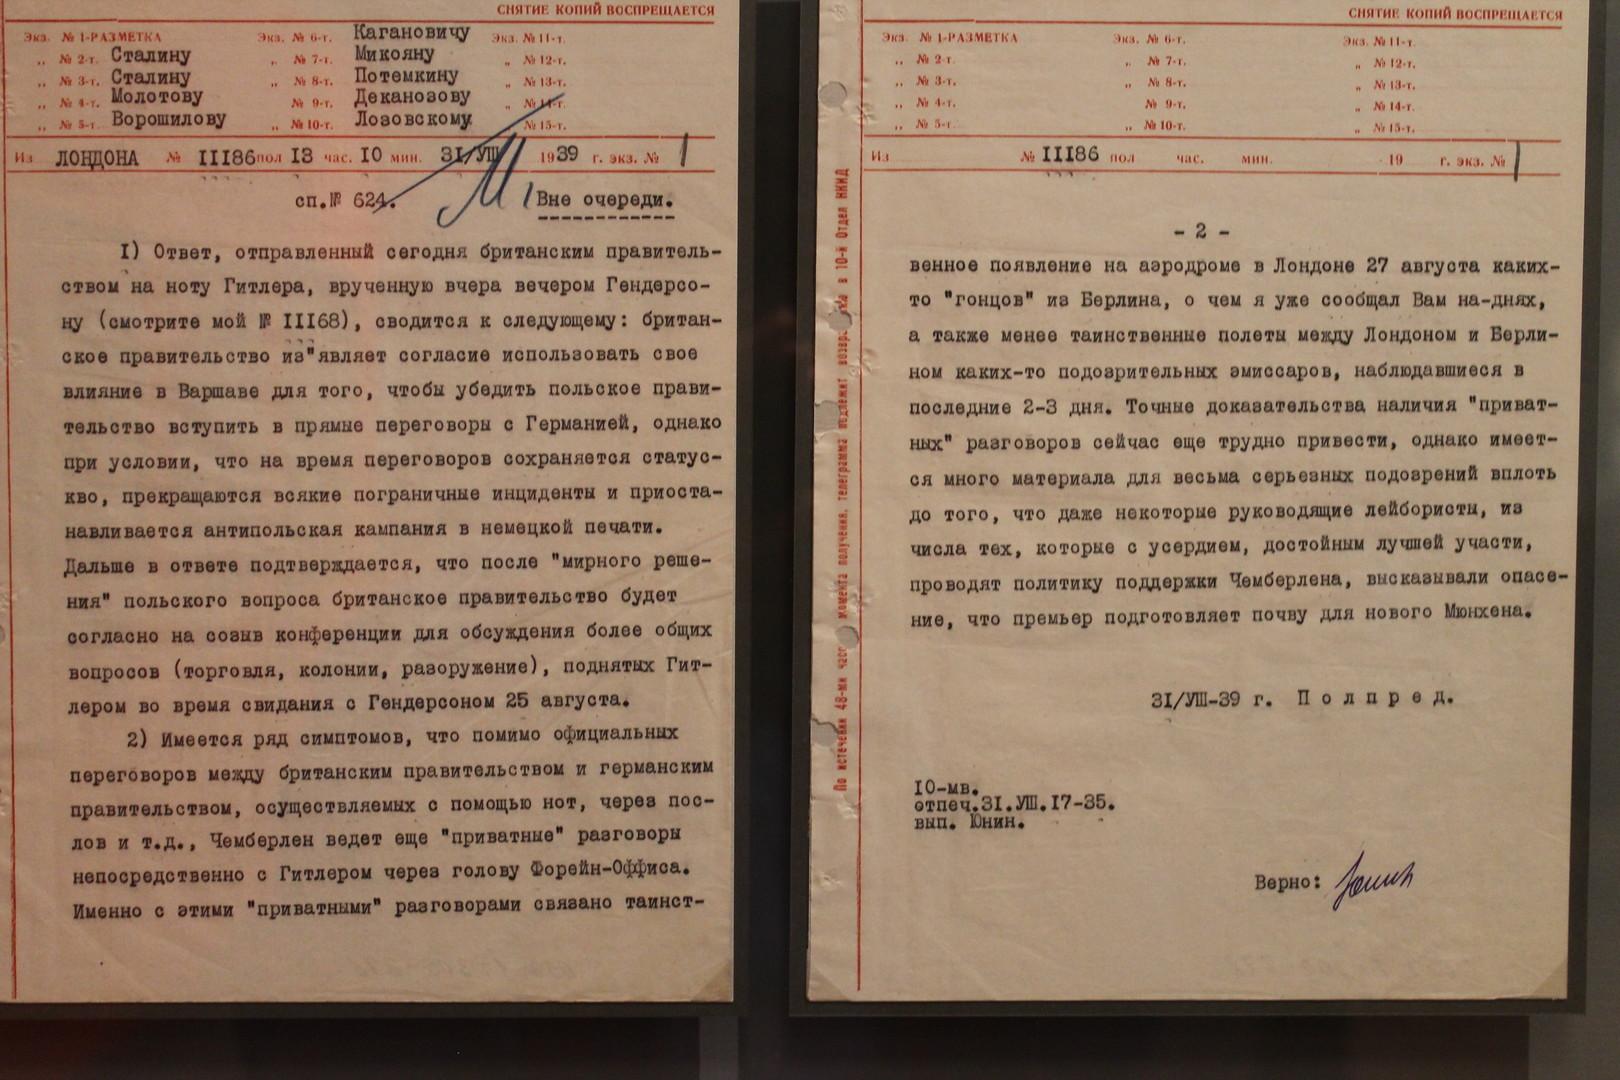 """""""Der Spiegel"""" vor 30 Jahren: Damals war der """"Hitler-Stalin-Pakt"""" noch in Ordnung"""